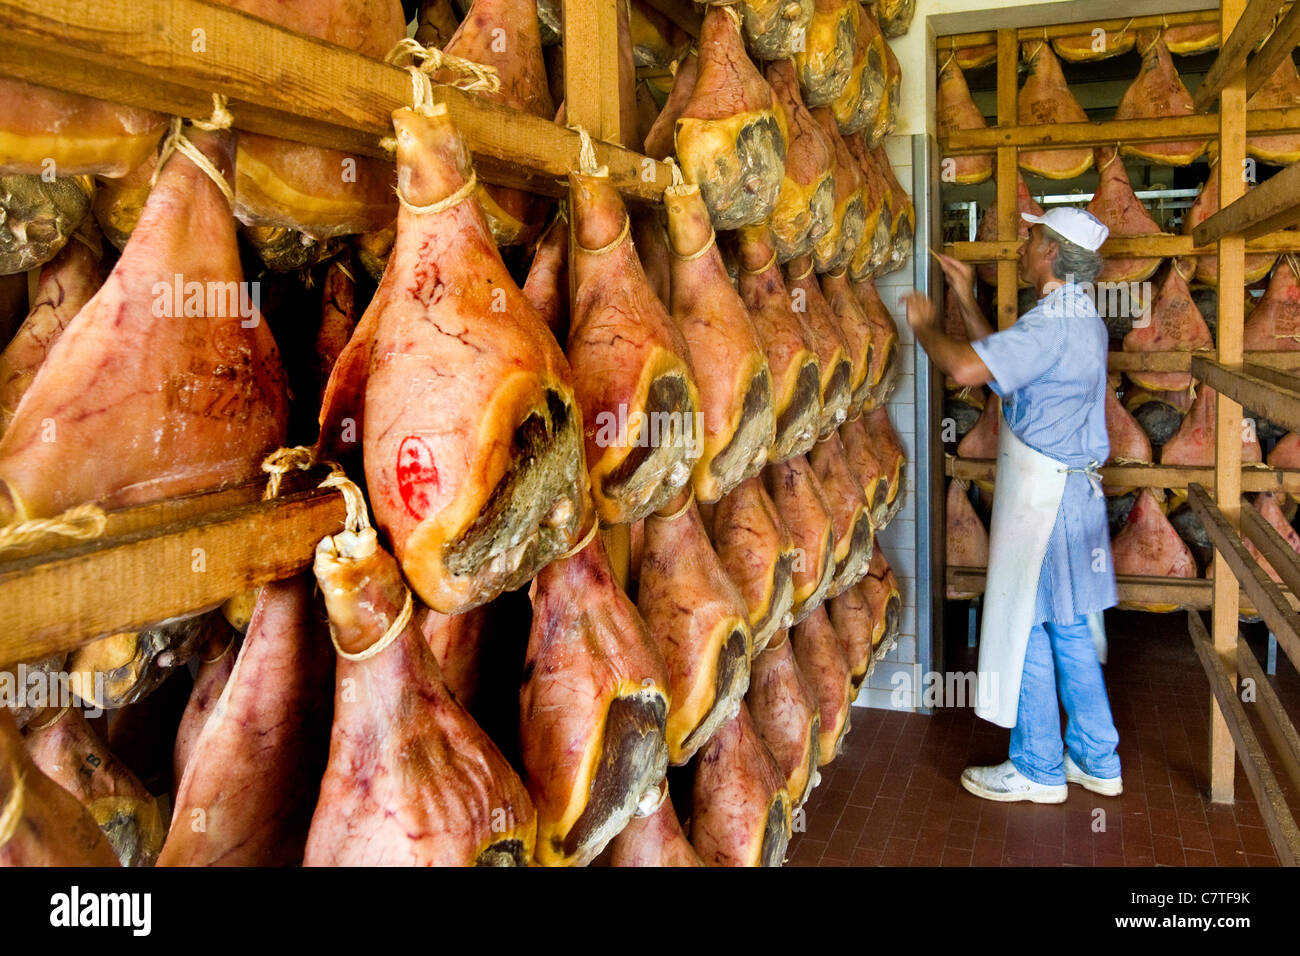 L'Italia, Emilia Romagna, Savignano sul Panaro. Prosciuttificio Nini Gianfranco, sala di stagionatura del Prosciutto Immagini Stock